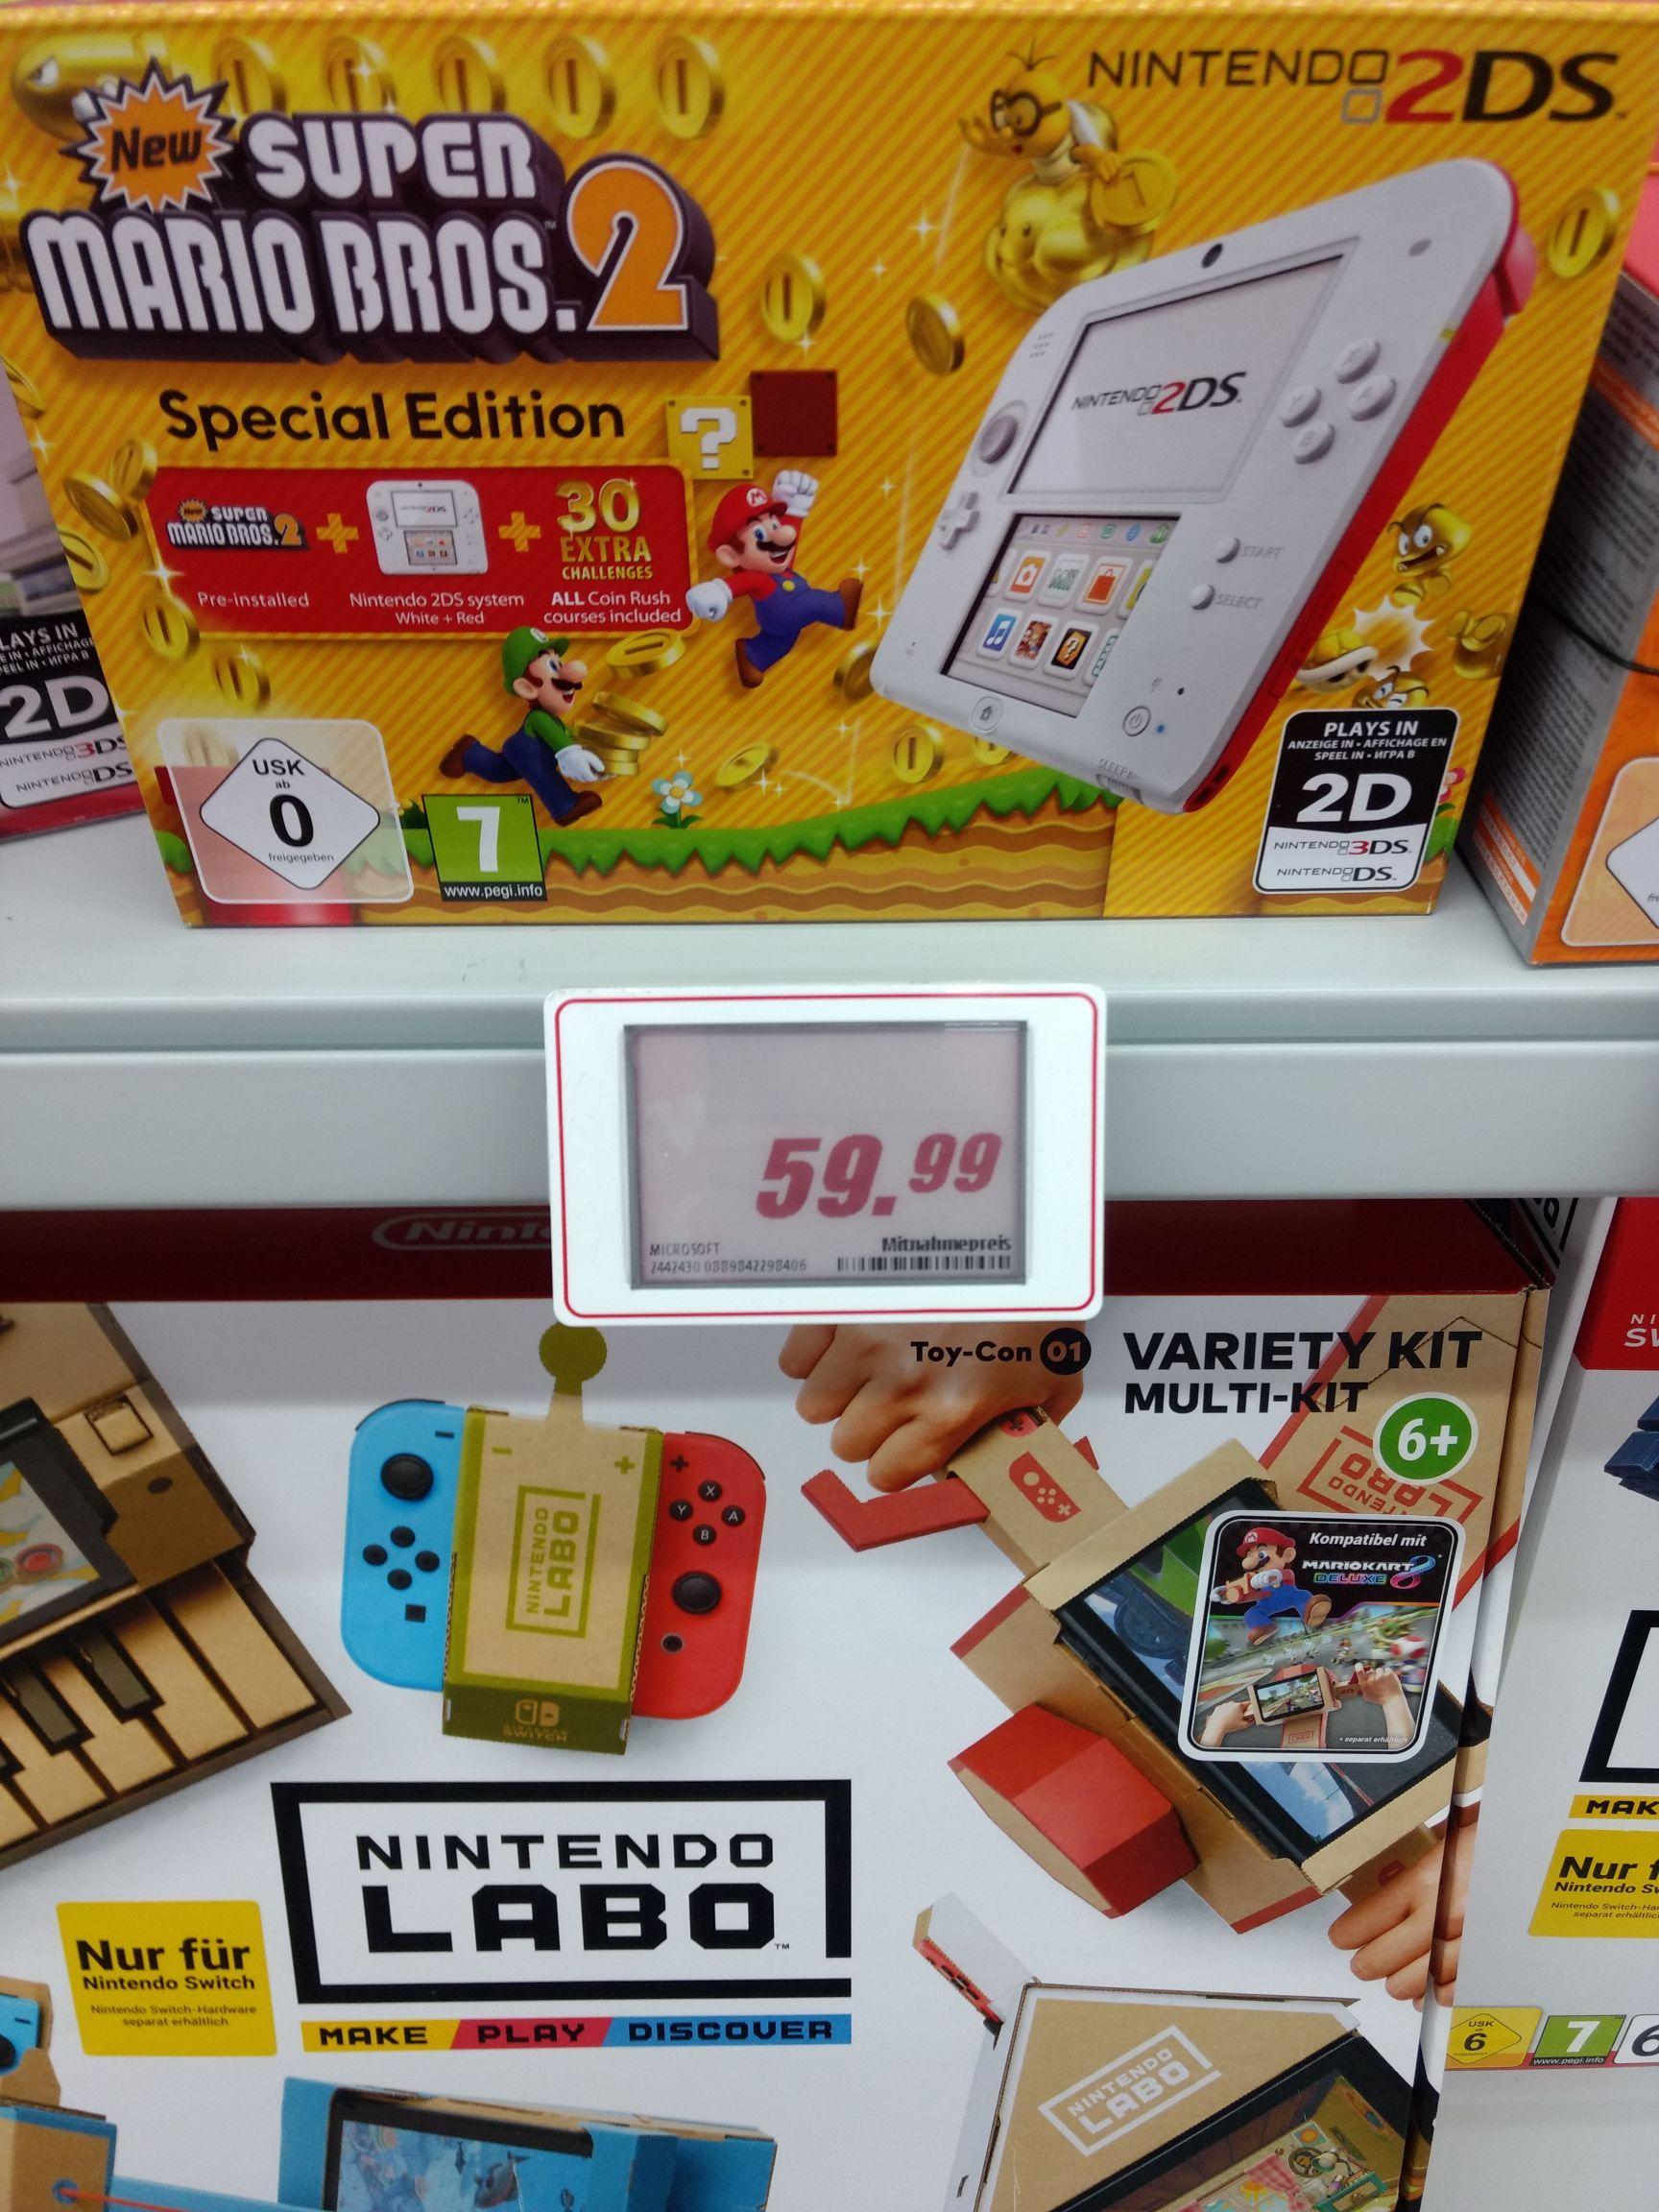 NINTENDO 2DS rot/weiß + New Super Mario Bros. 2 (Special Edition)  Lokal Straubing Mediamarkt